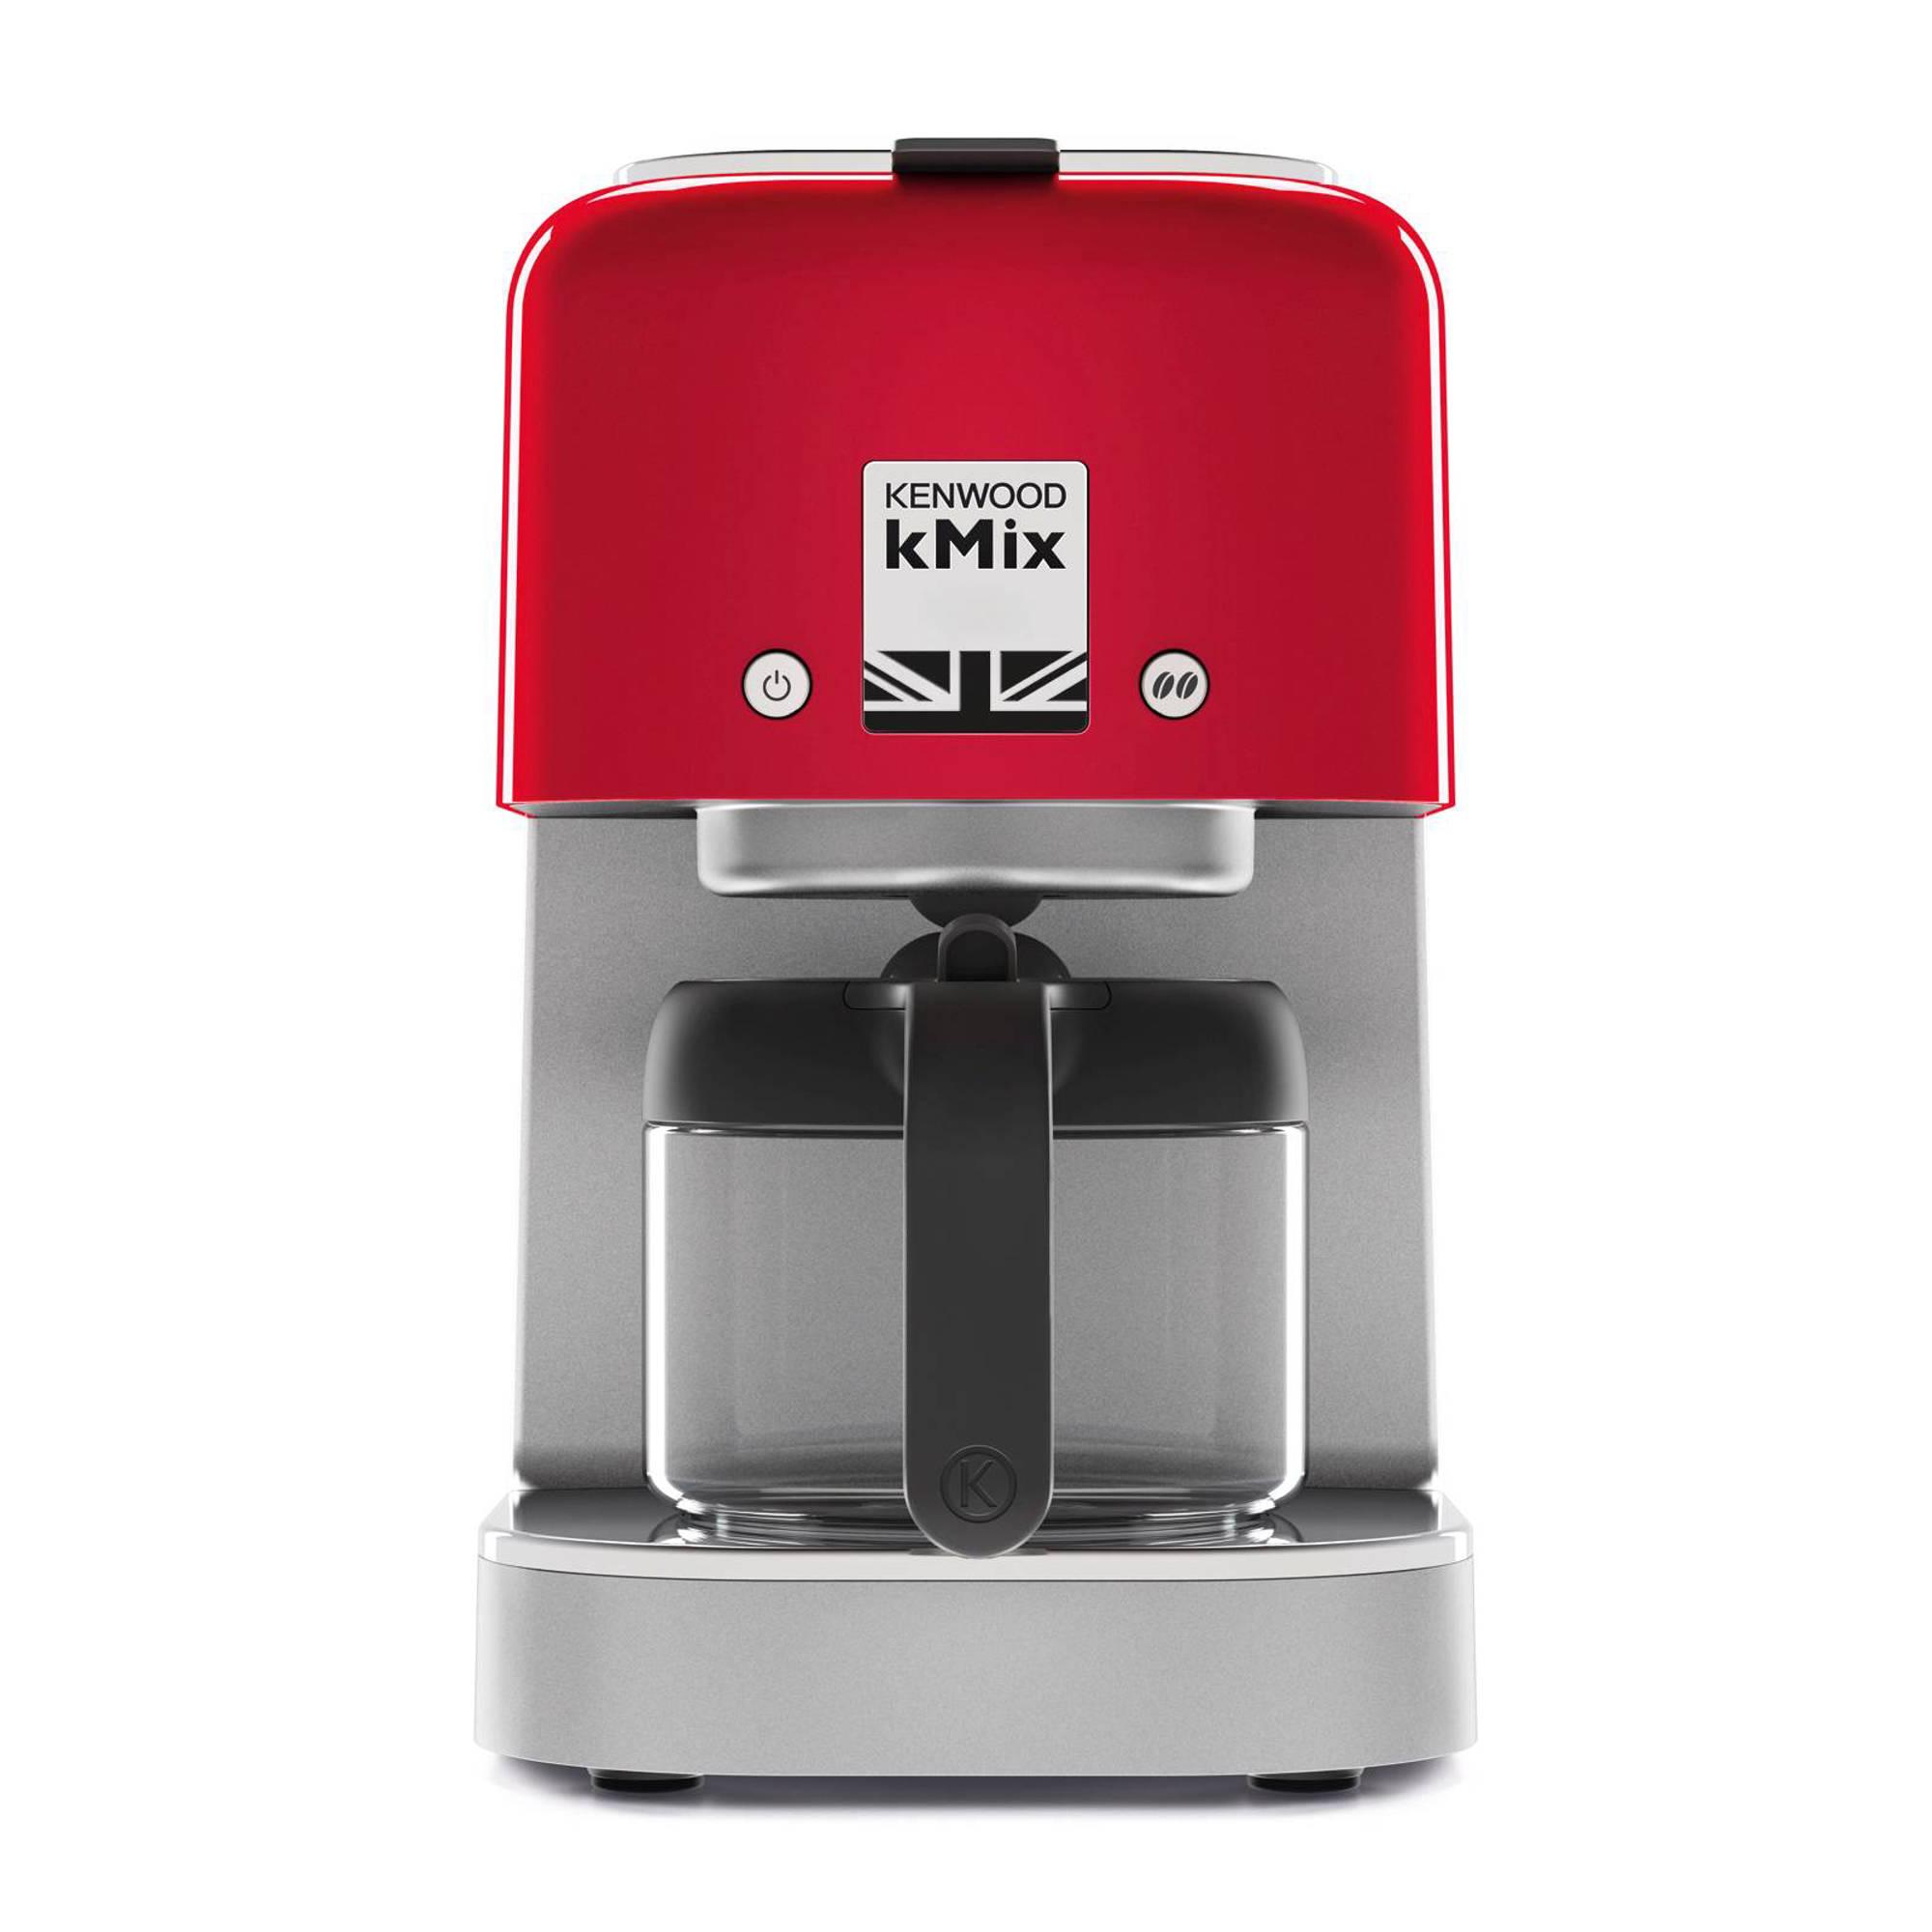 Kenwood COX750RD kMix koffiezetapparaat voor €29,95 @ Wehkamp